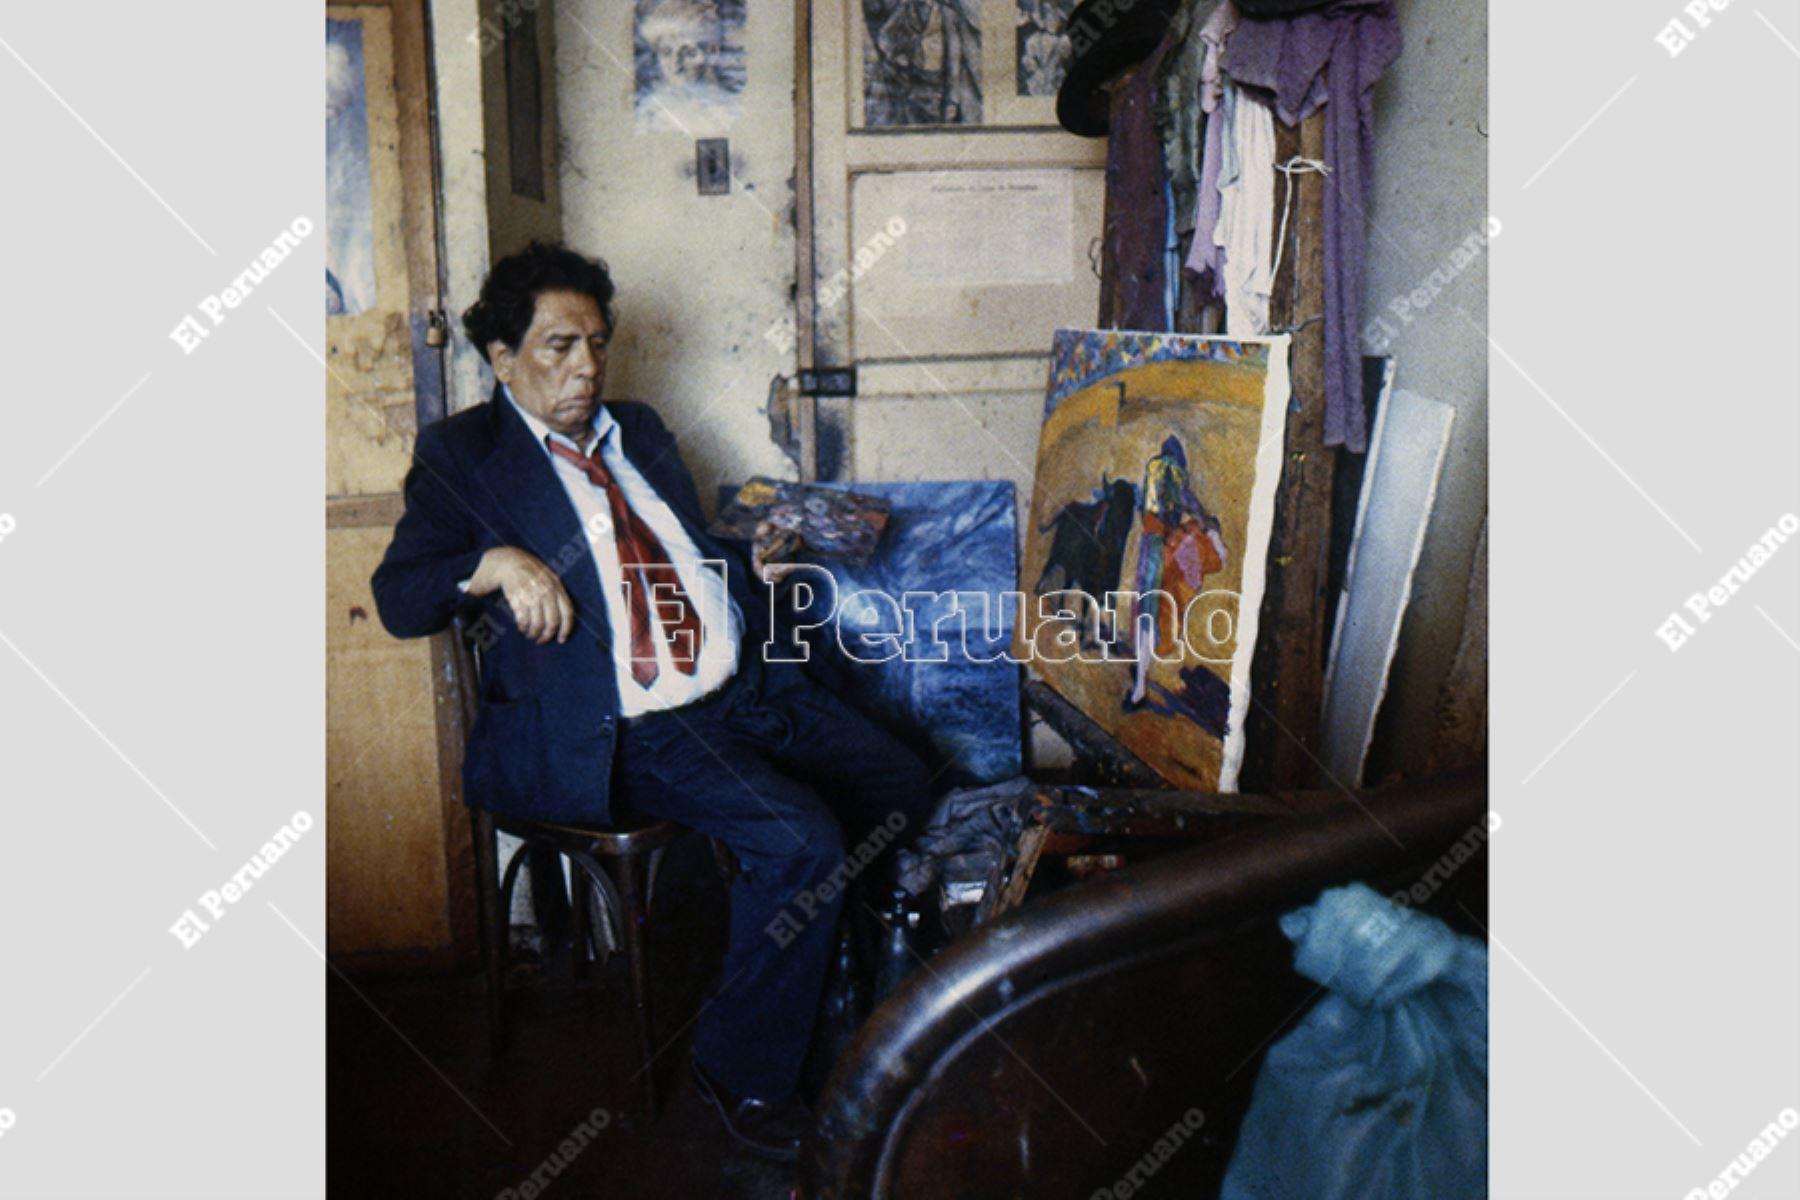 Lima - agosto 1985 / El pintor Víctor Humareda en su habitación 283 del Hotel Lima.  Foto: Archivo Histórico de El Peruano